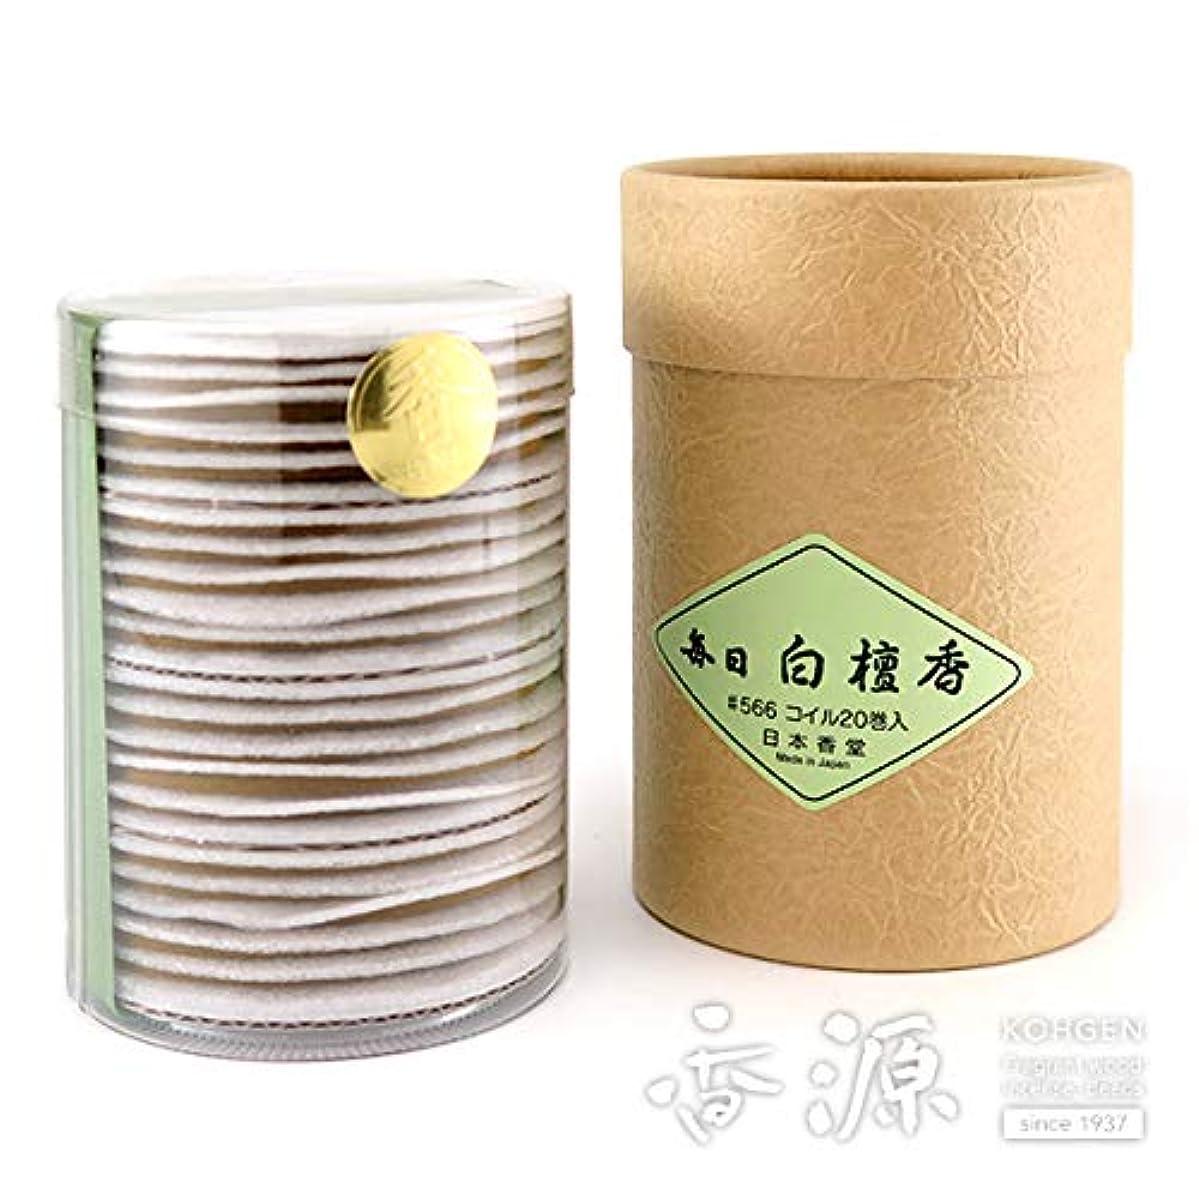 ラケット好み精神的に日本香堂のお香 毎日白檀香 徳用渦巻型20枚入